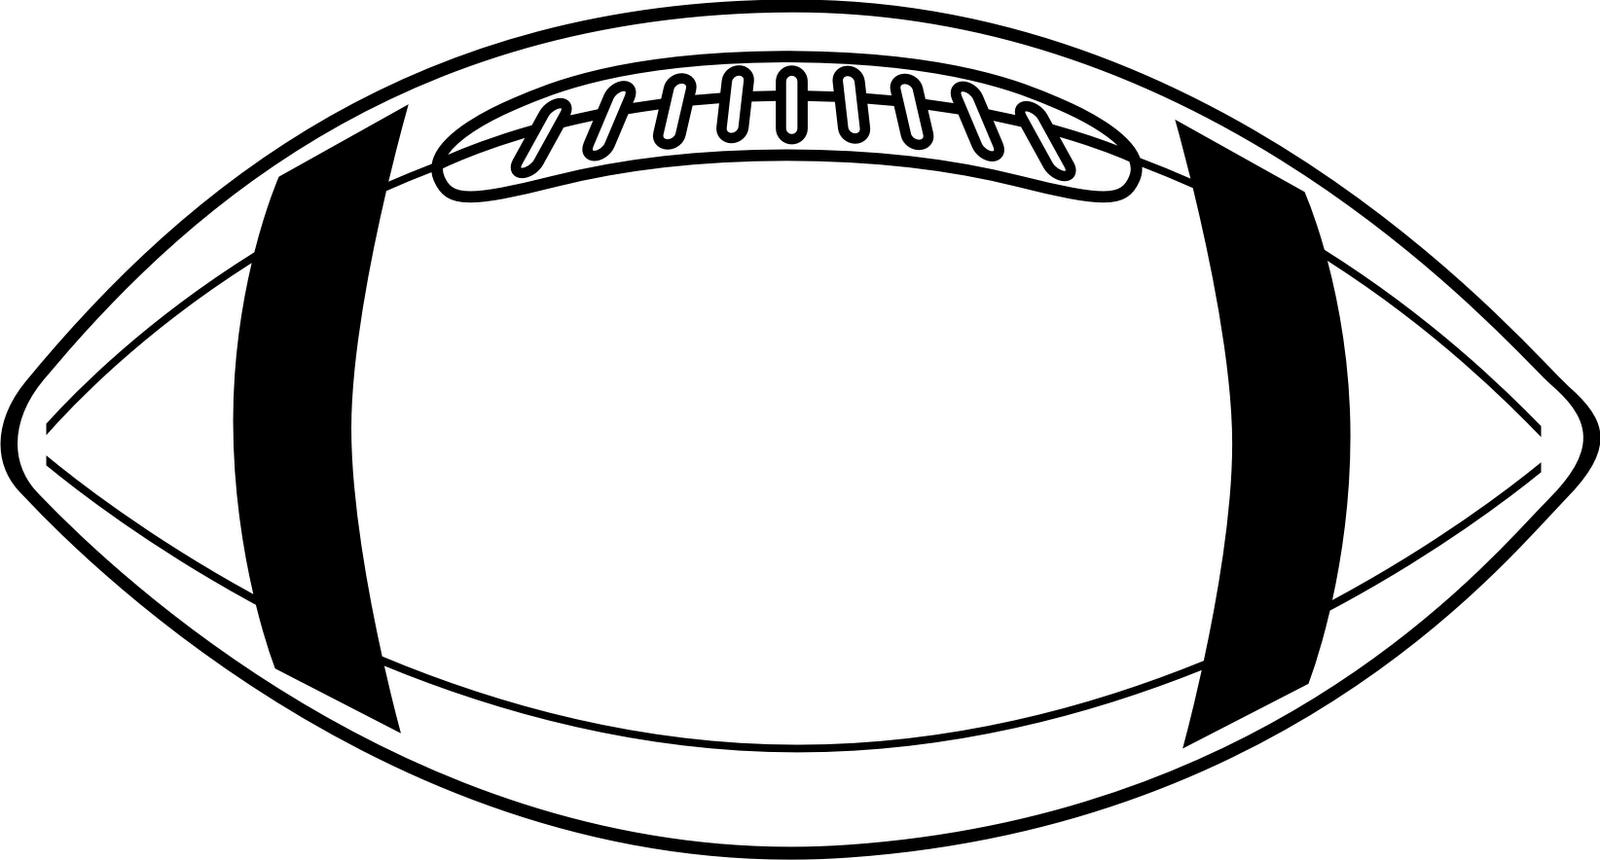 Football Helmet Clip Art Free 4-Football helmet clip art free 4-12